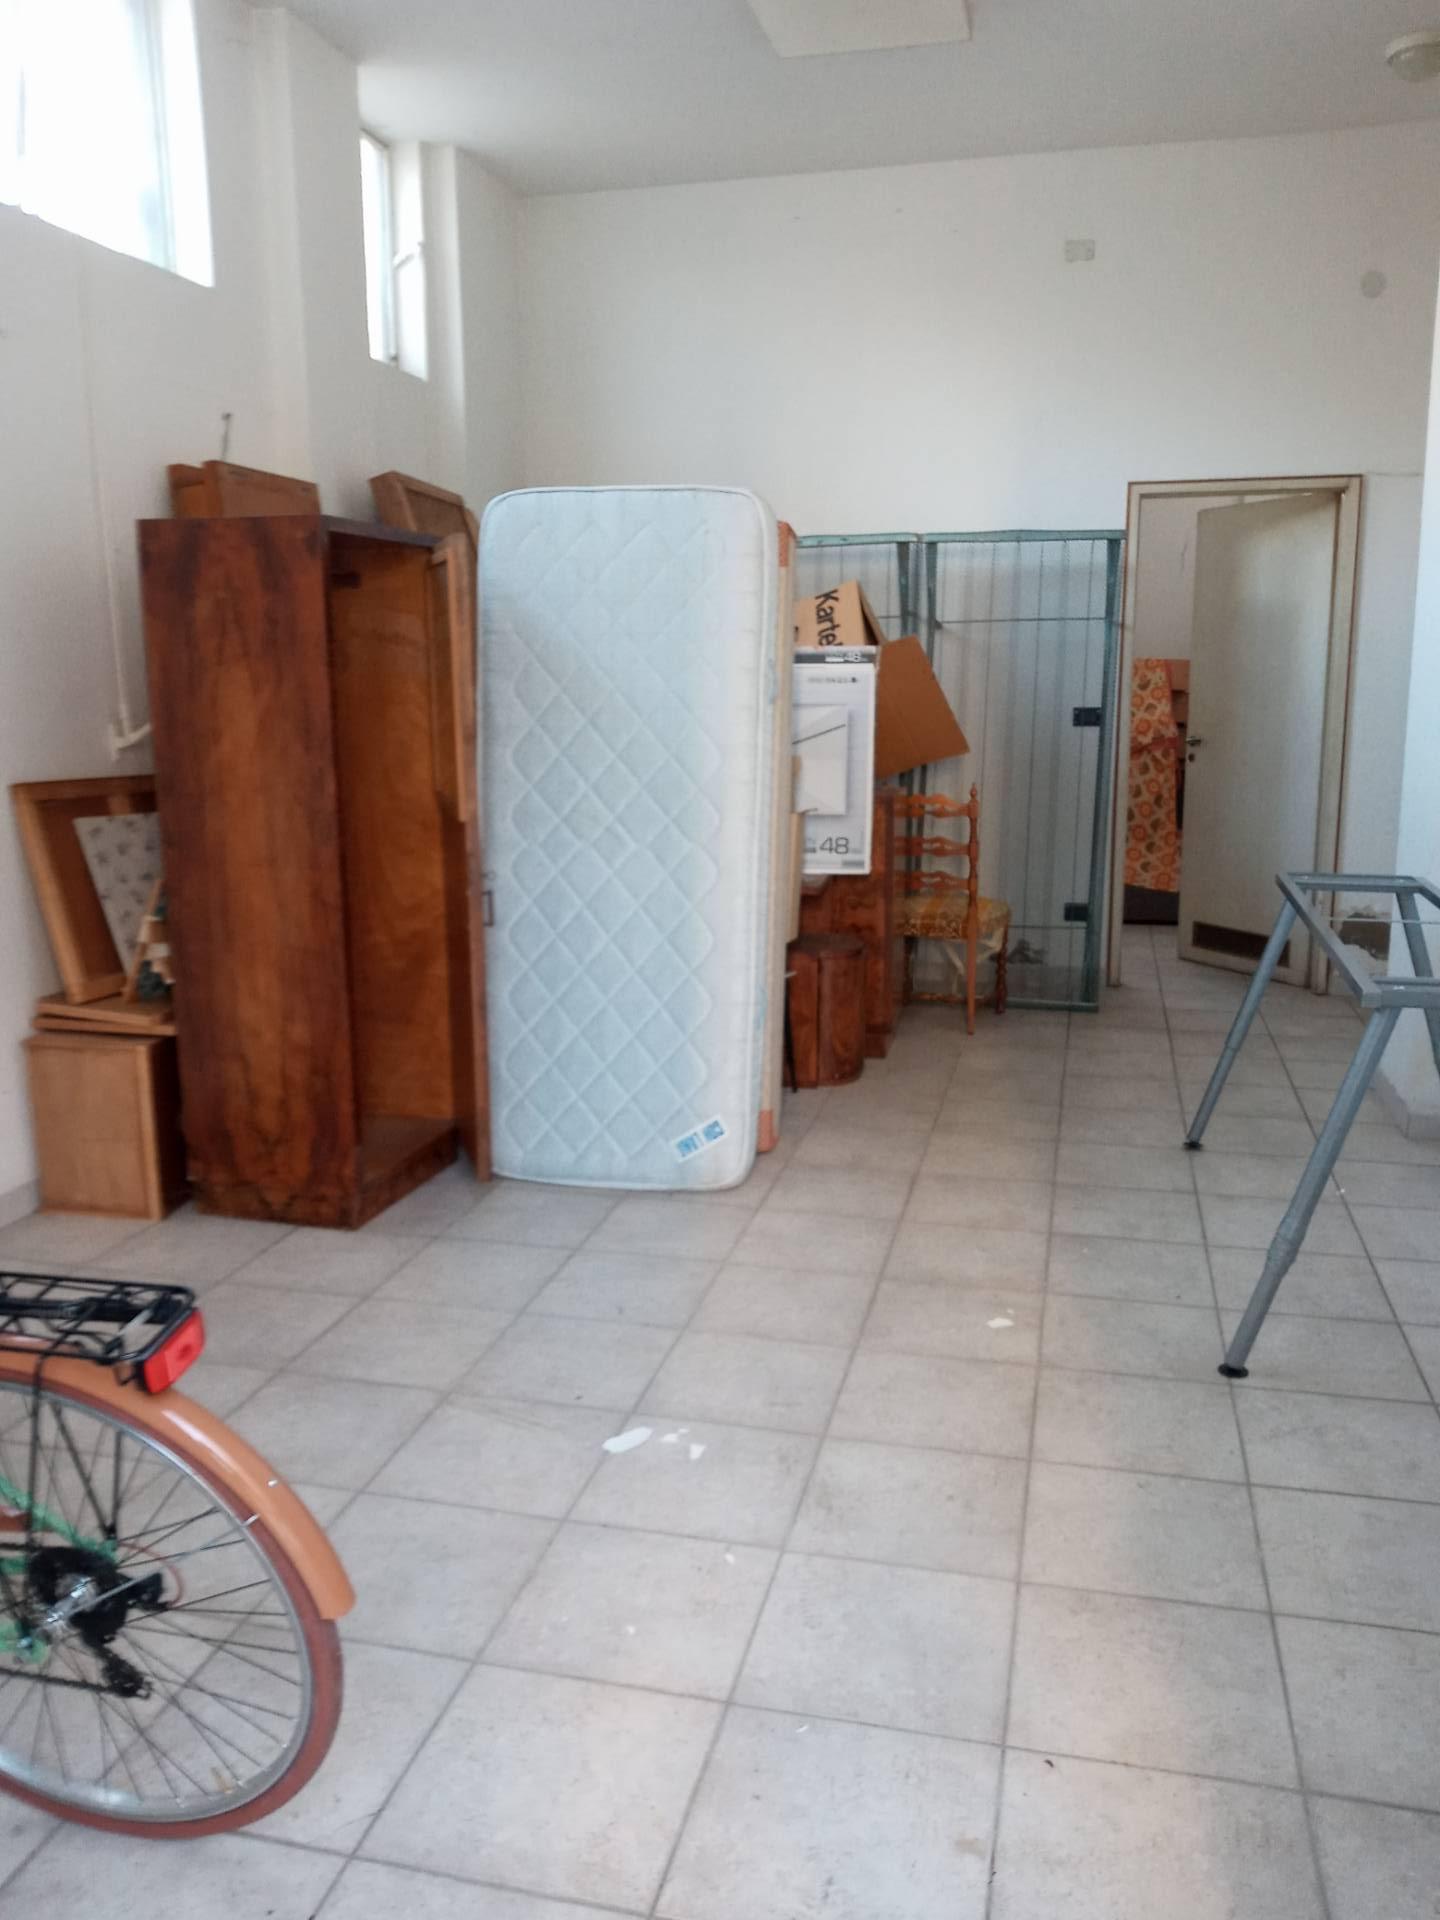 Ufficio / Studio in affitto a Lugo, 9999 locali, zona Località: Stazione, prezzo € 750   CambioCasa.it